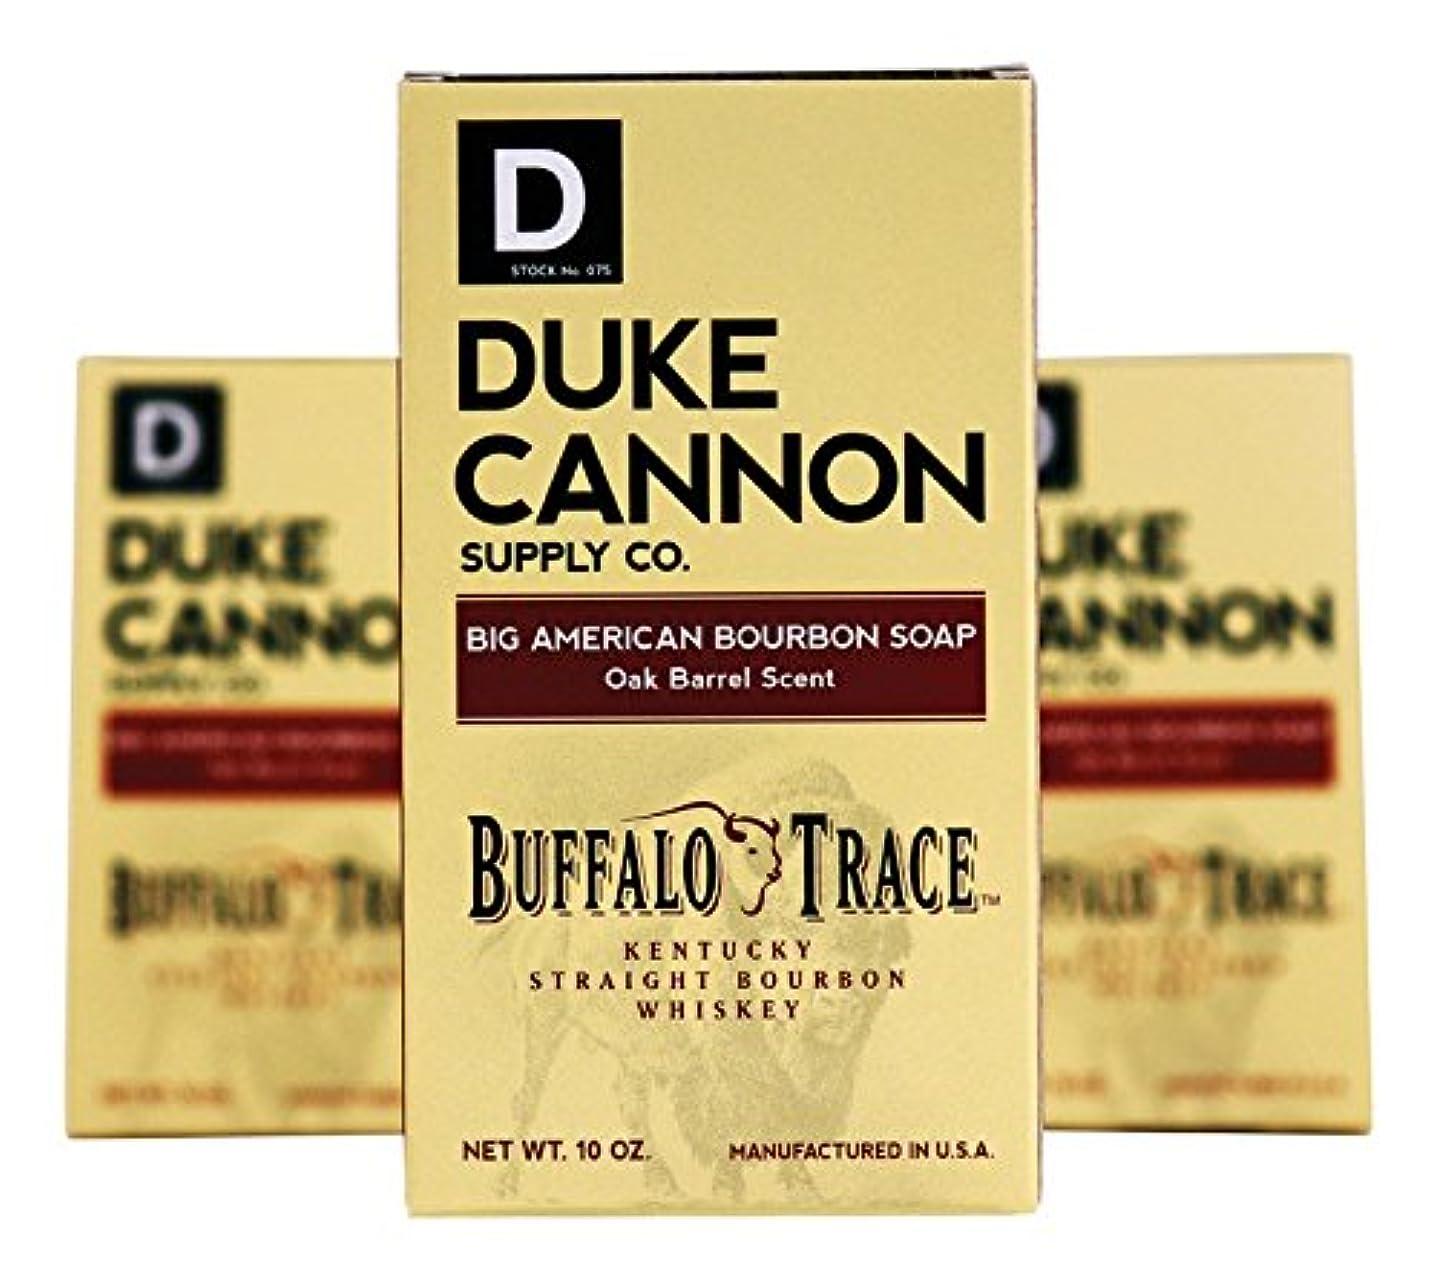 アーティスト領収書アーカイブDuke Cannon タバーンコレクションスペシャルエディションメンズソープ(、)